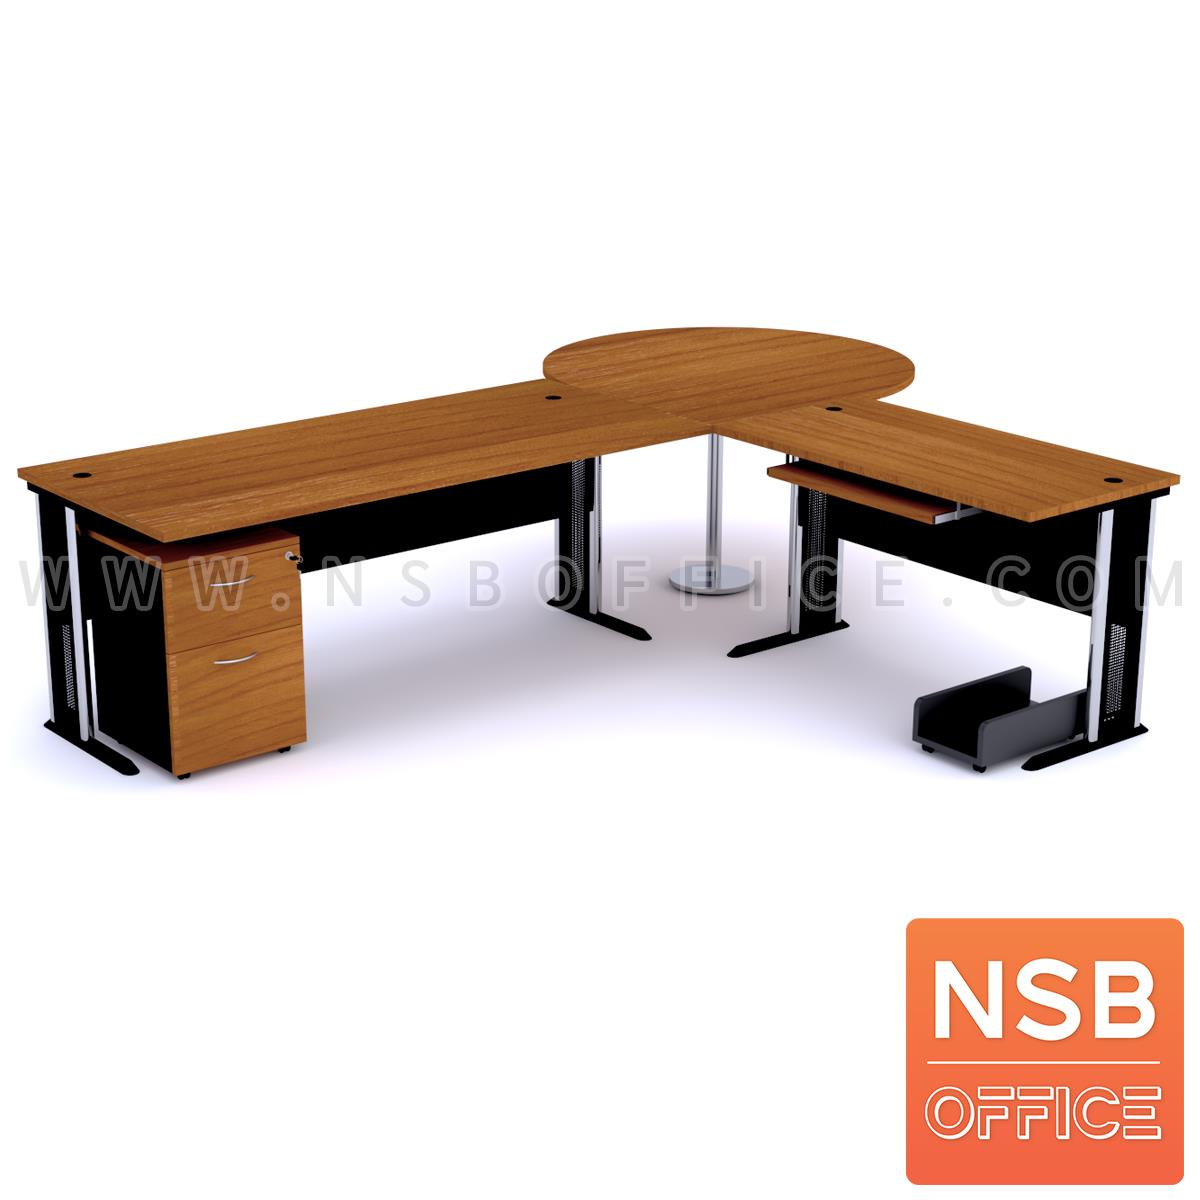 A13A030:โต๊ะผู้บริหารตัวแอล   ขนาด 280W1*240W2 cm. ขาเหล็กโครเมี่ยมดำ สีเชอร์รี่-ดำ *แอลตามภาพเท่านั้น*